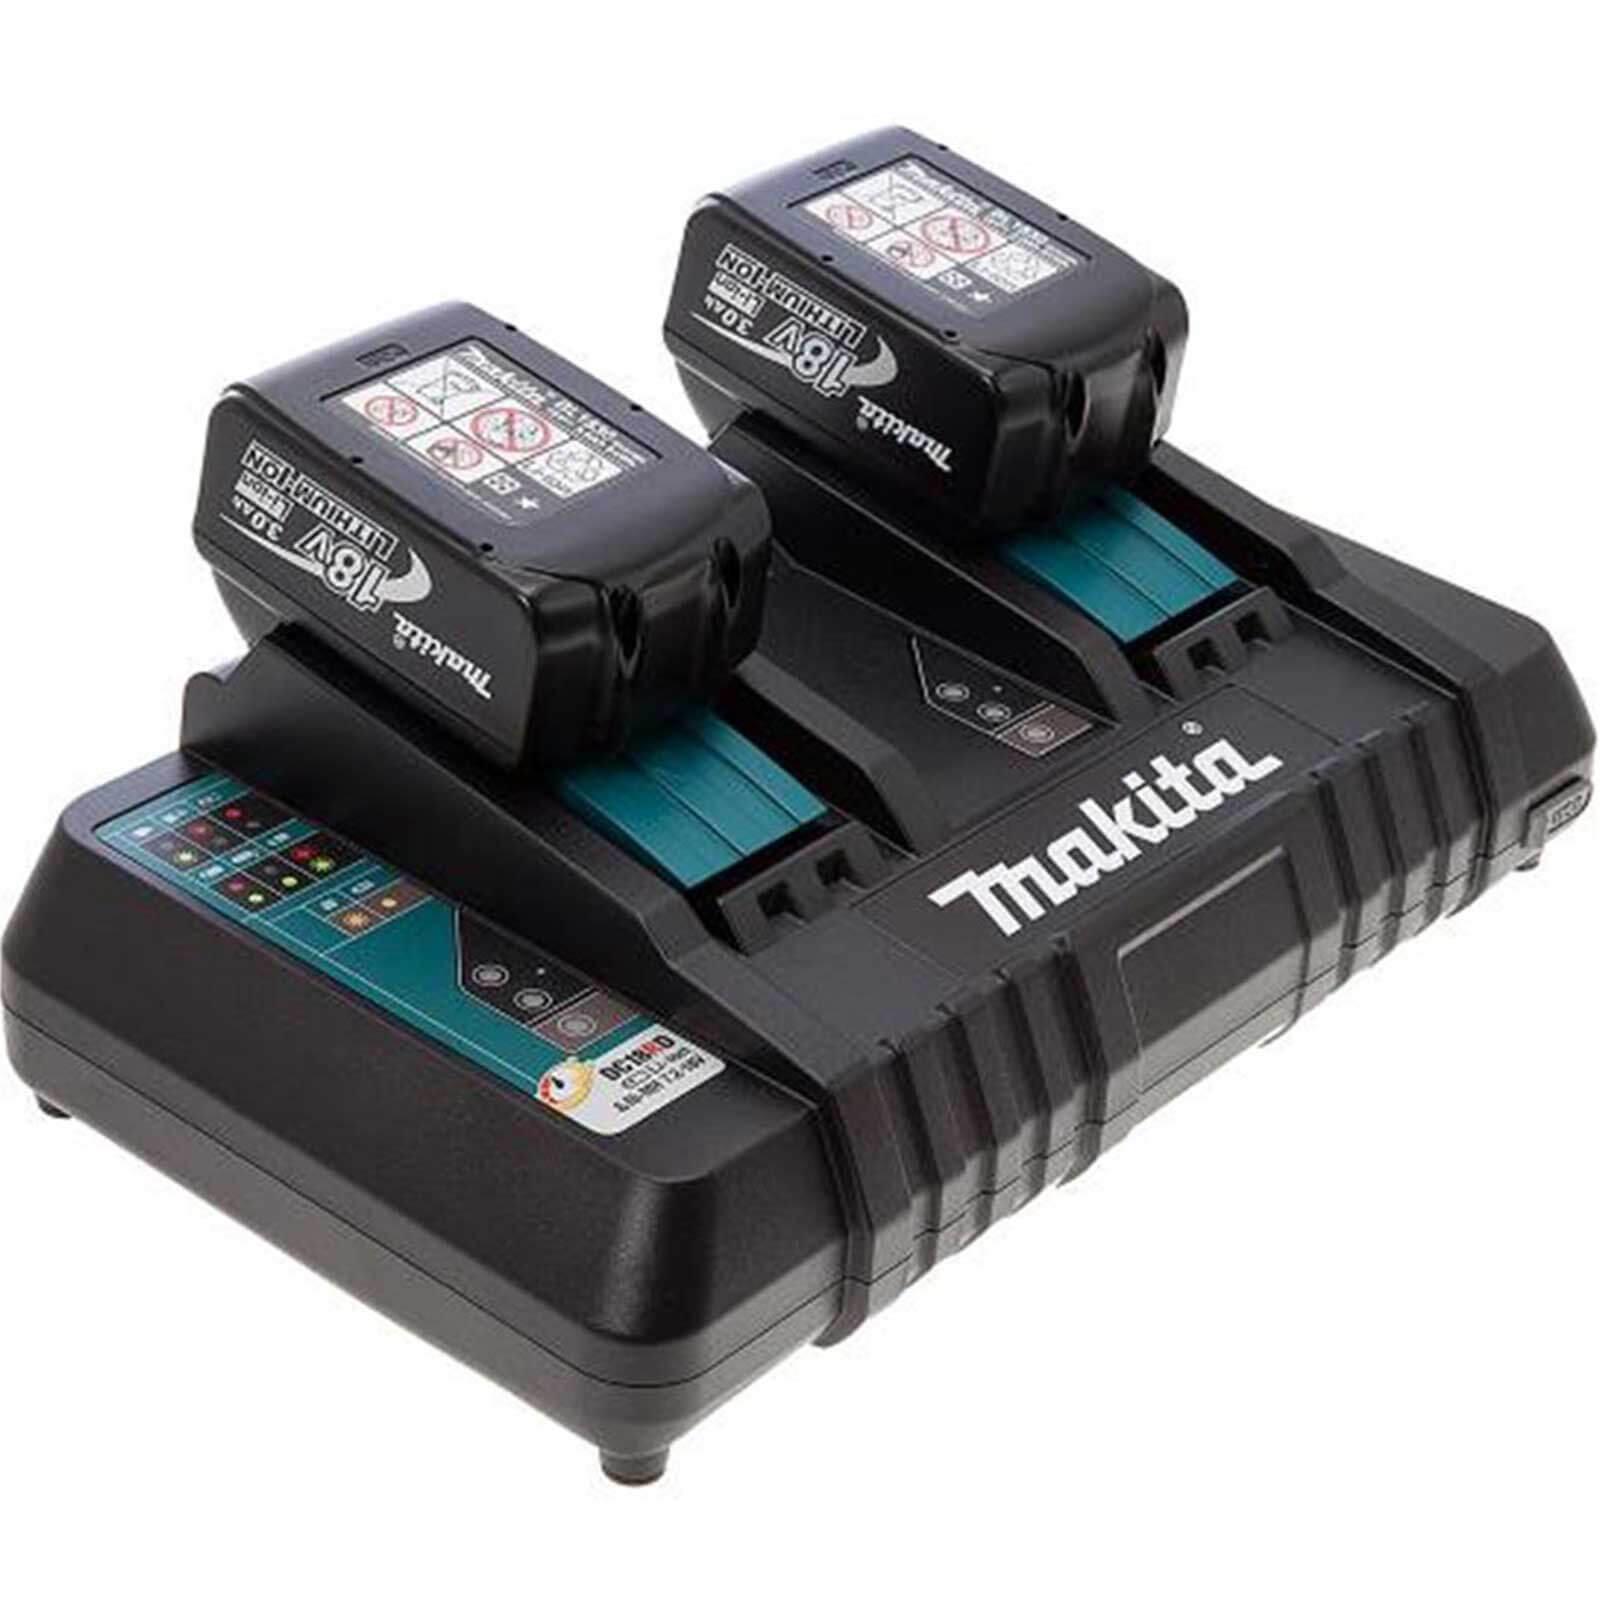 Image of Makita 18v Twin Charger & 2 Li-ion Batteries 3 Amp